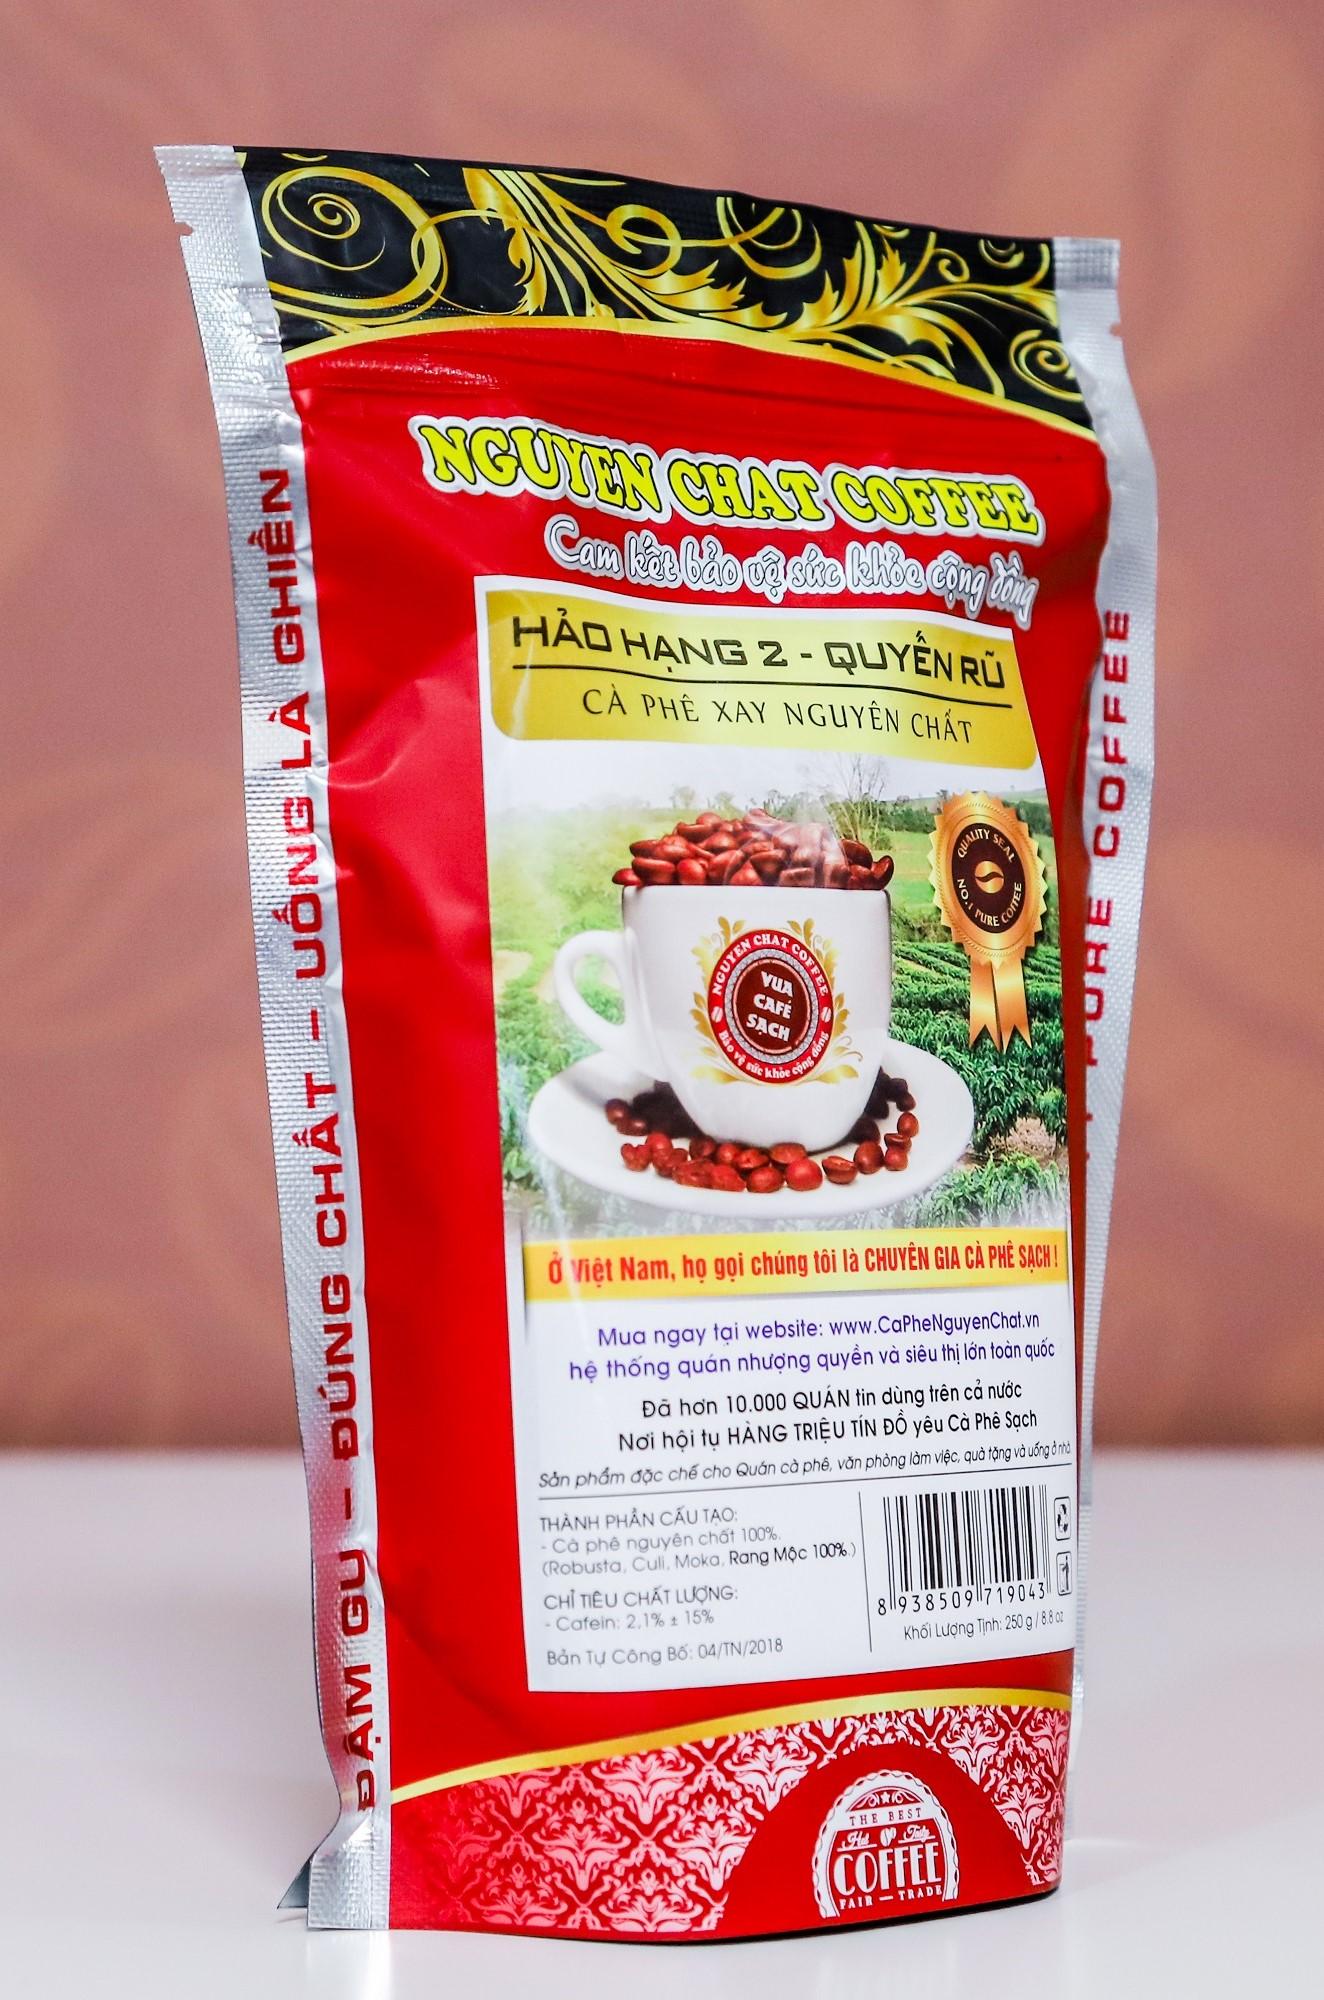 Cafe bột nguyên chất Nguyen Chat Coffee